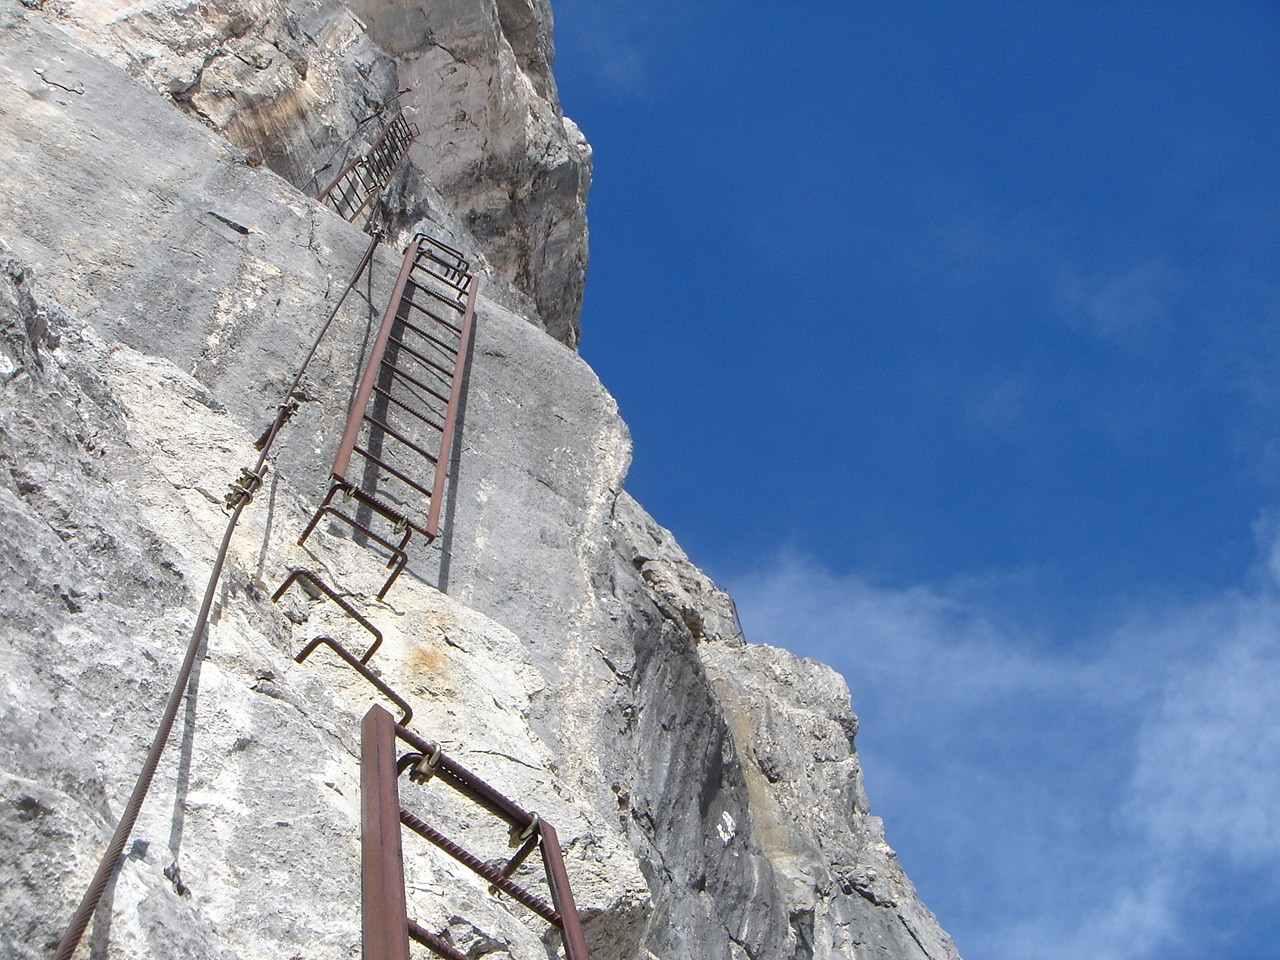 Foto: Manfred Karl / Wander Tour / Über das Prielschutzhaus und den Bert-Rinesch-Klettersteig auf den Gr.Priel / Die Leiternserie - hier heißt es ordentlich festhalten / 15.06.2007 23:41:22